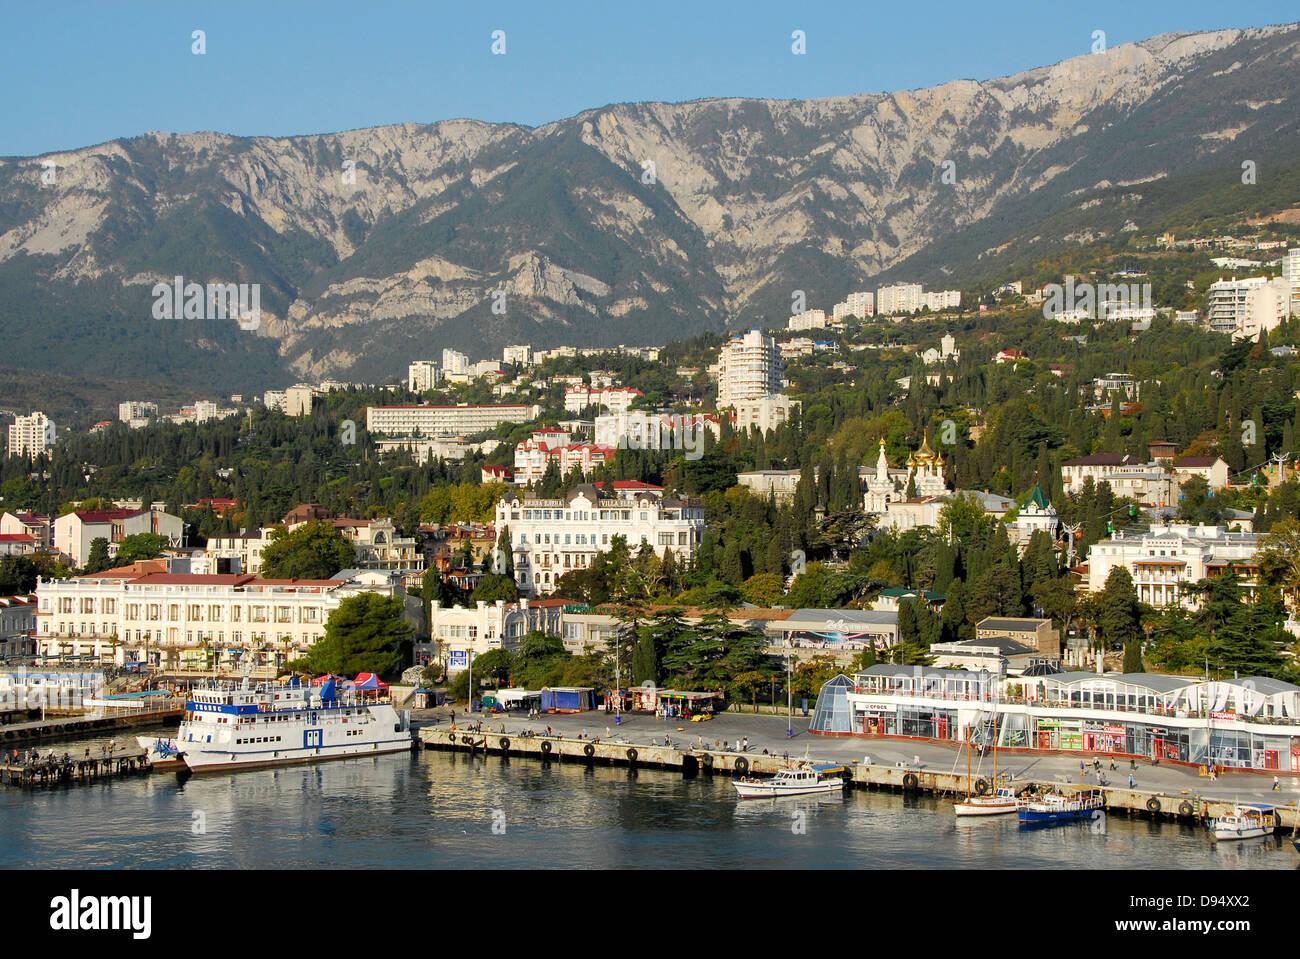 The seaport city of Yalta, Crimea on the Black Sea. - Stock Image